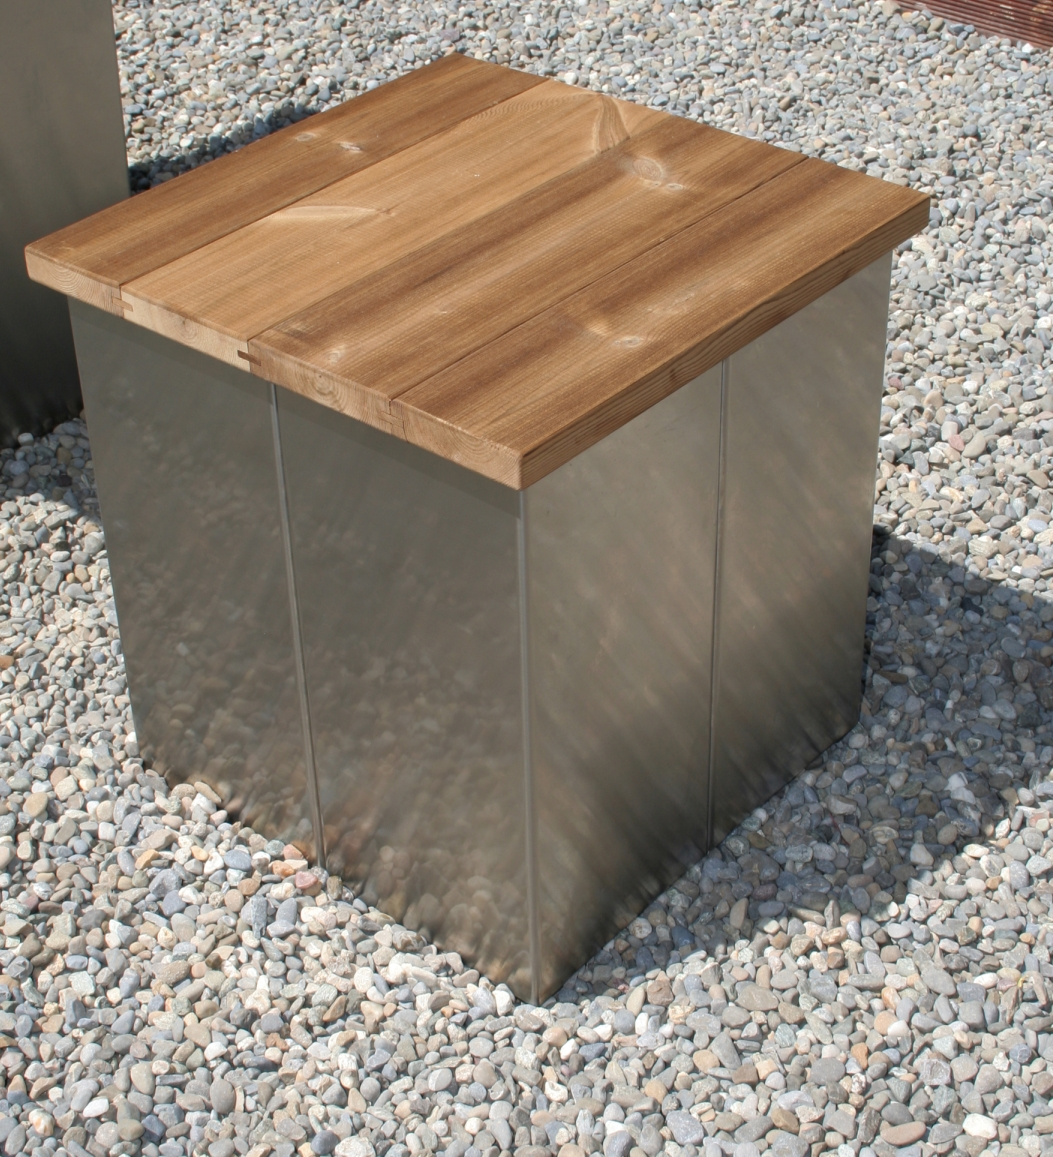 garten im quadrat garten hocker aus edelstahl und holz. Black Bedroom Furniture Sets. Home Design Ideas